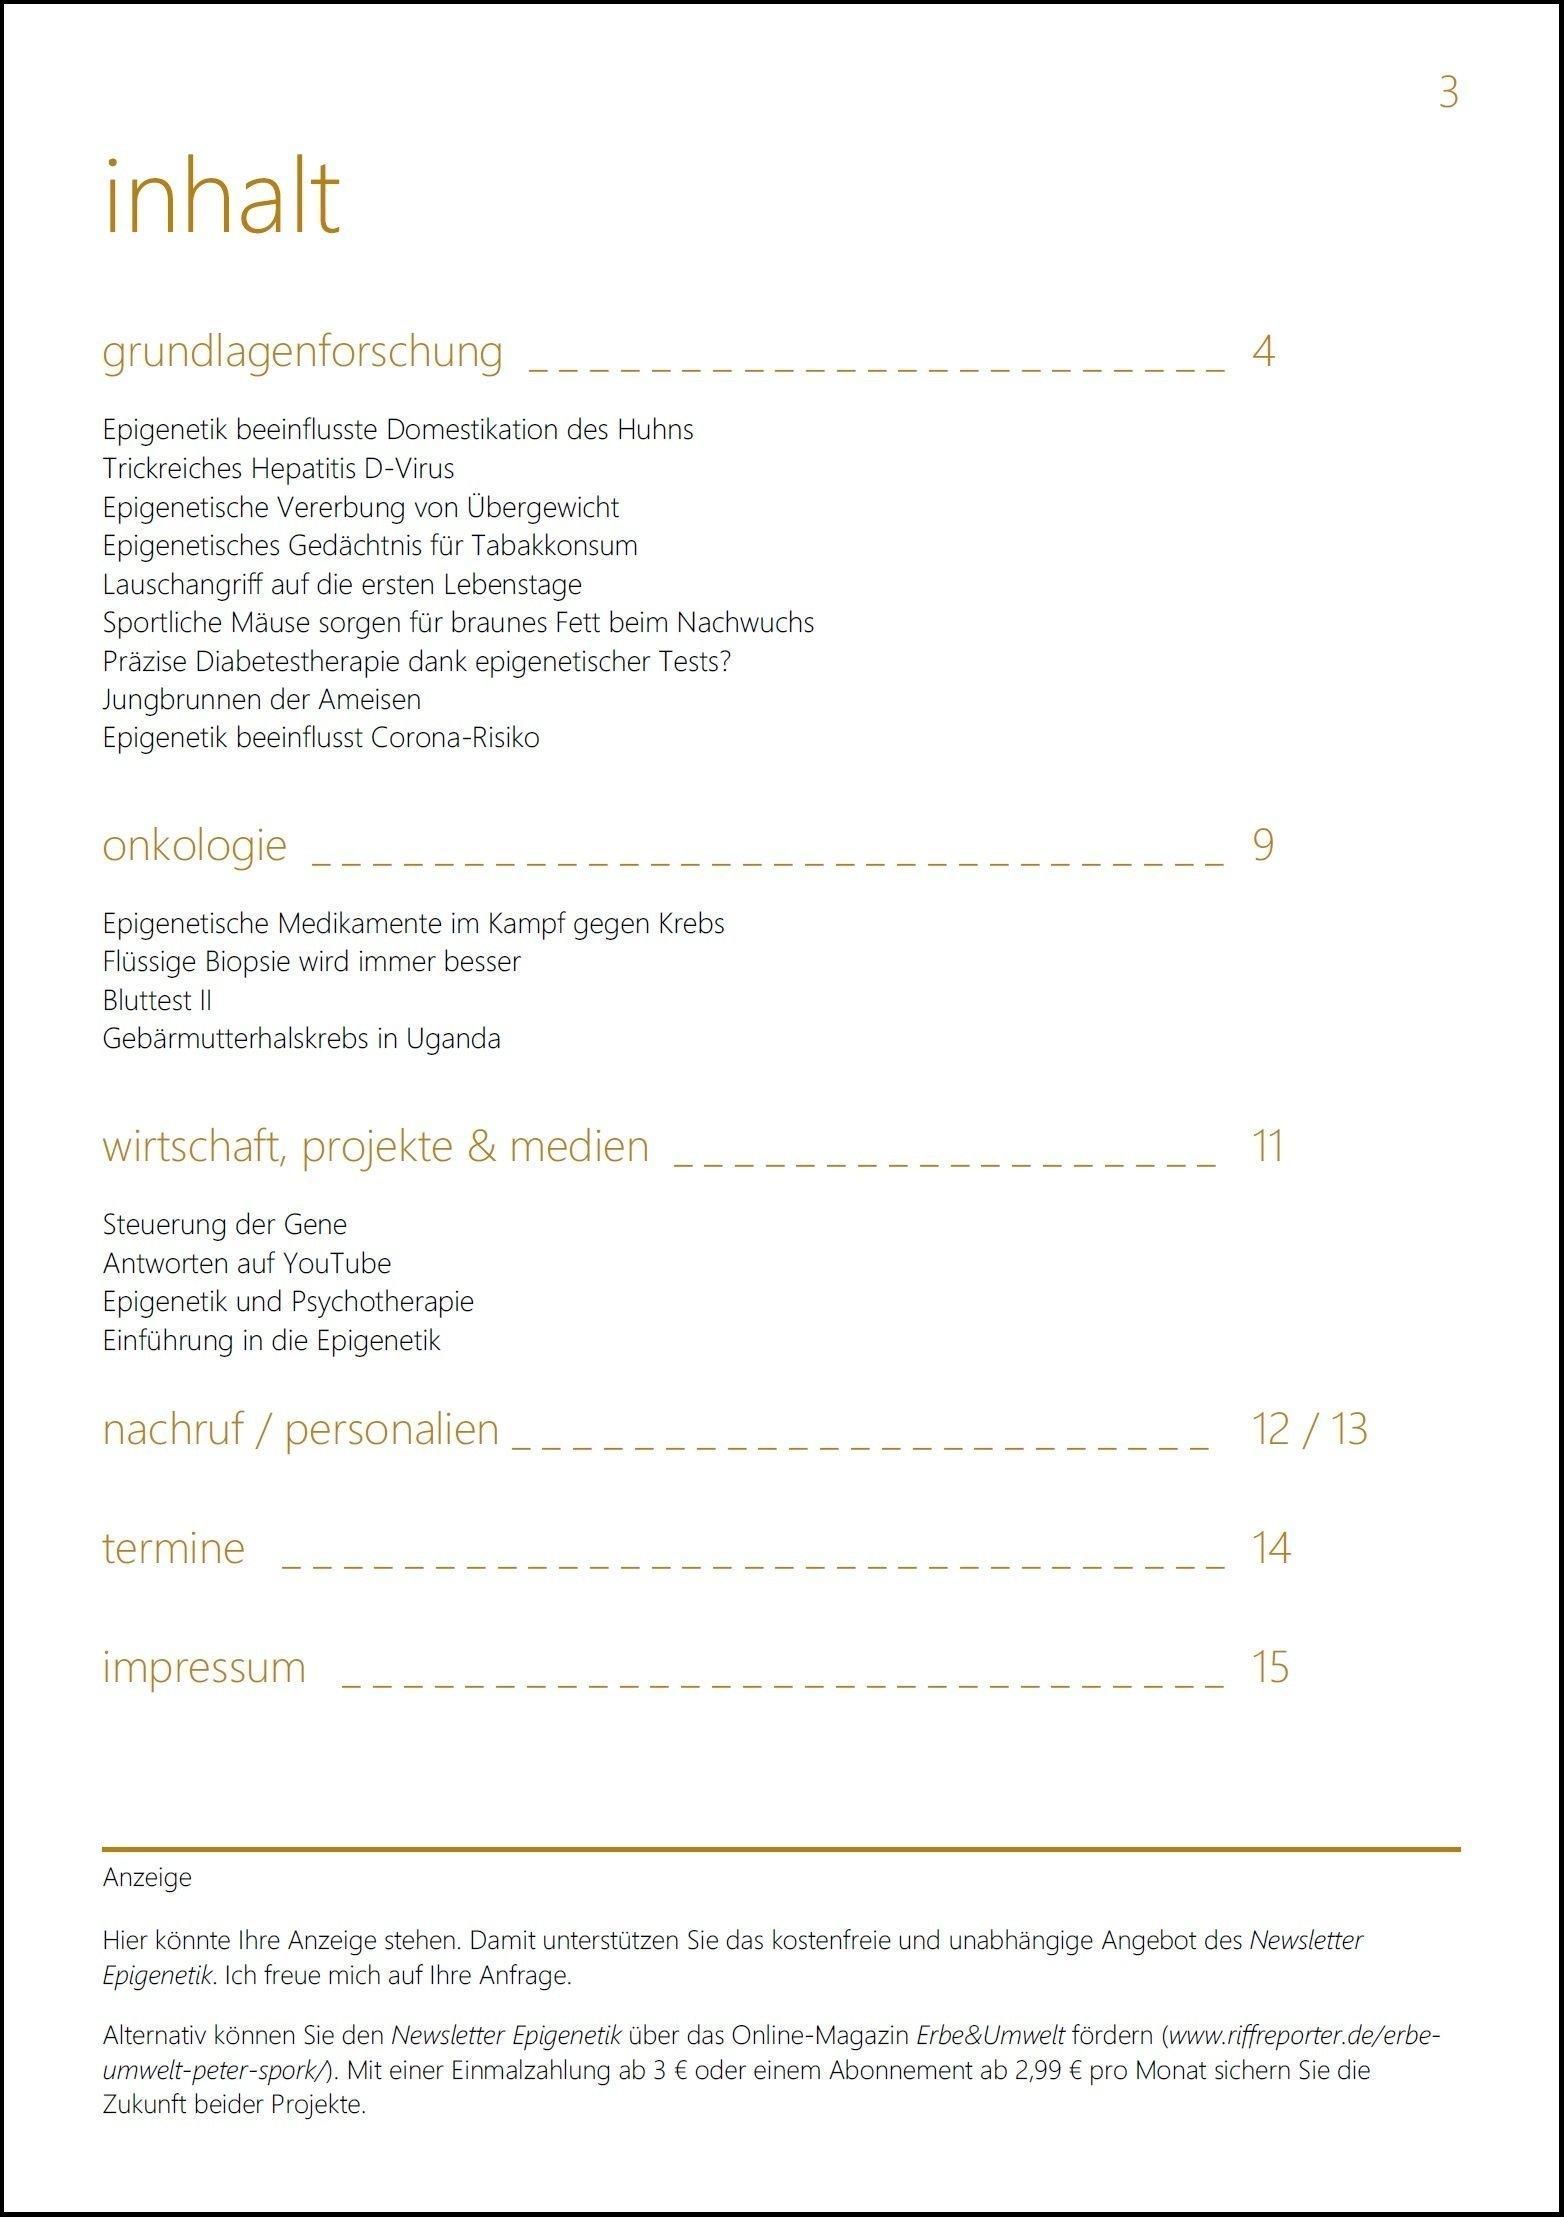 Seite 3, des Newsletter Epigenetik 33. Inhalt: Grundlagenforschung / Onkologie / Wirtschaft, Projekte & Medien / Personalien / Nachruf / Termine / Impressum